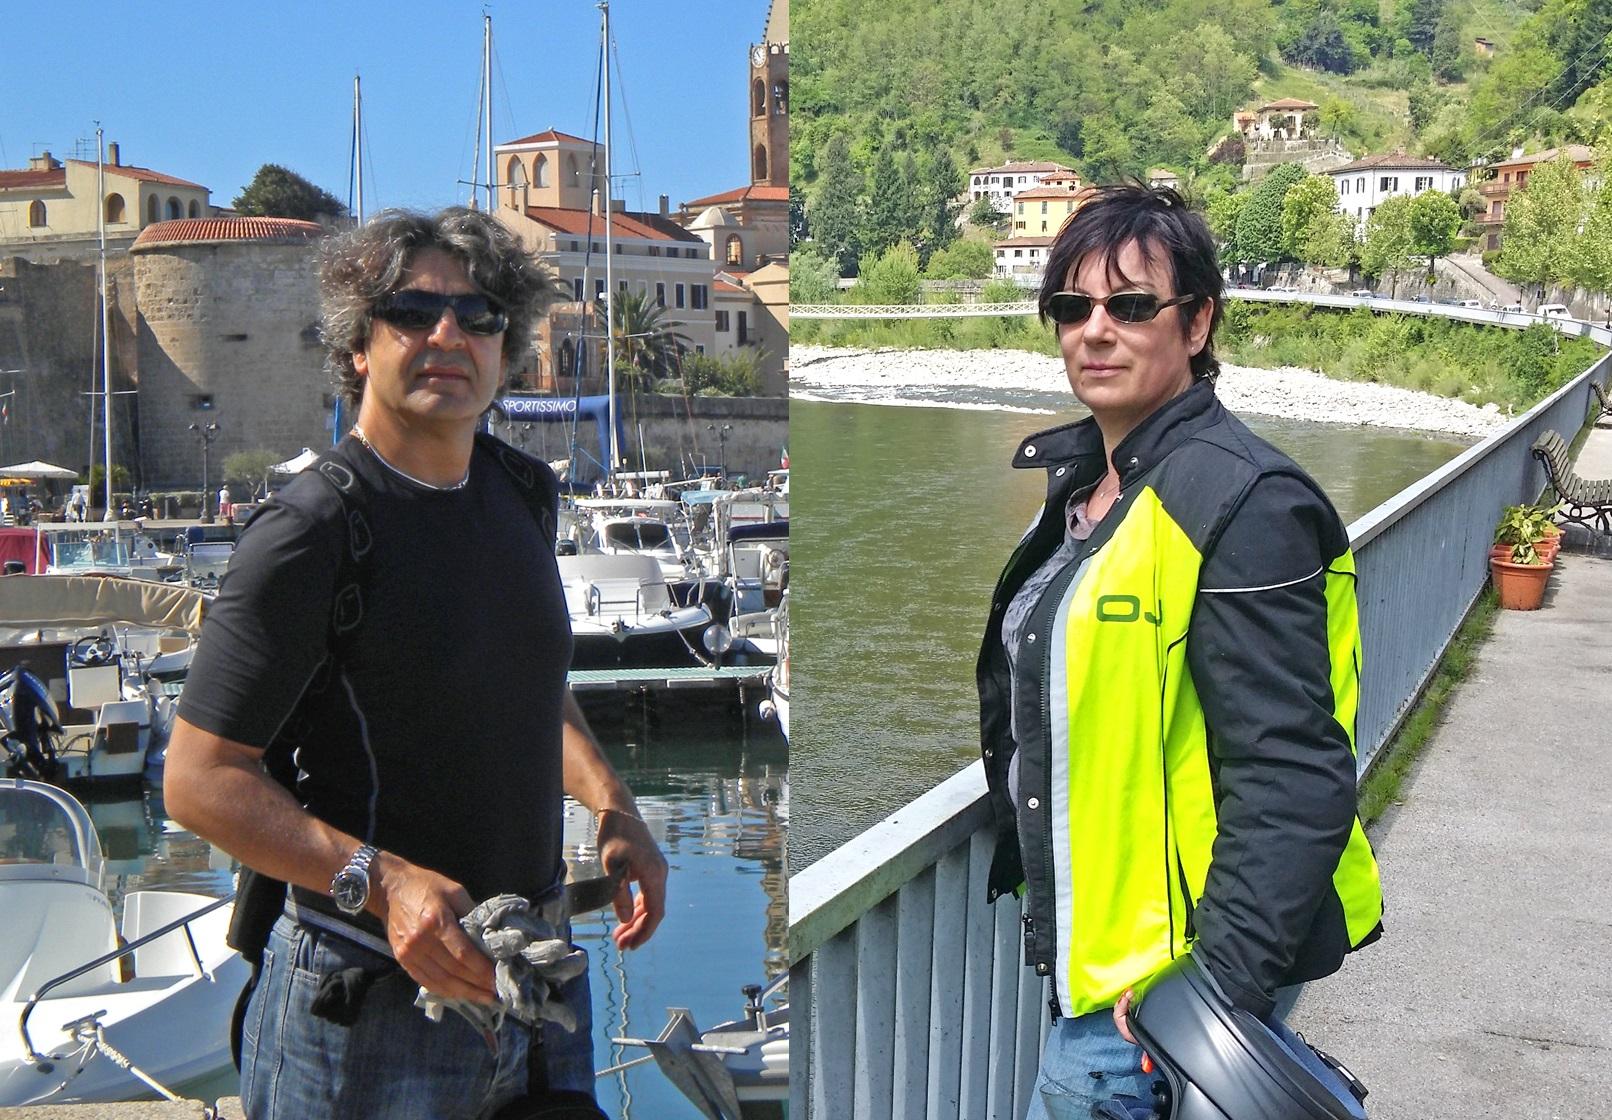 Rencontrez l'equipe: Jery et Françoise, fondateurs de Italy on Motorbike, spécialistes de tour à moto en Italie!